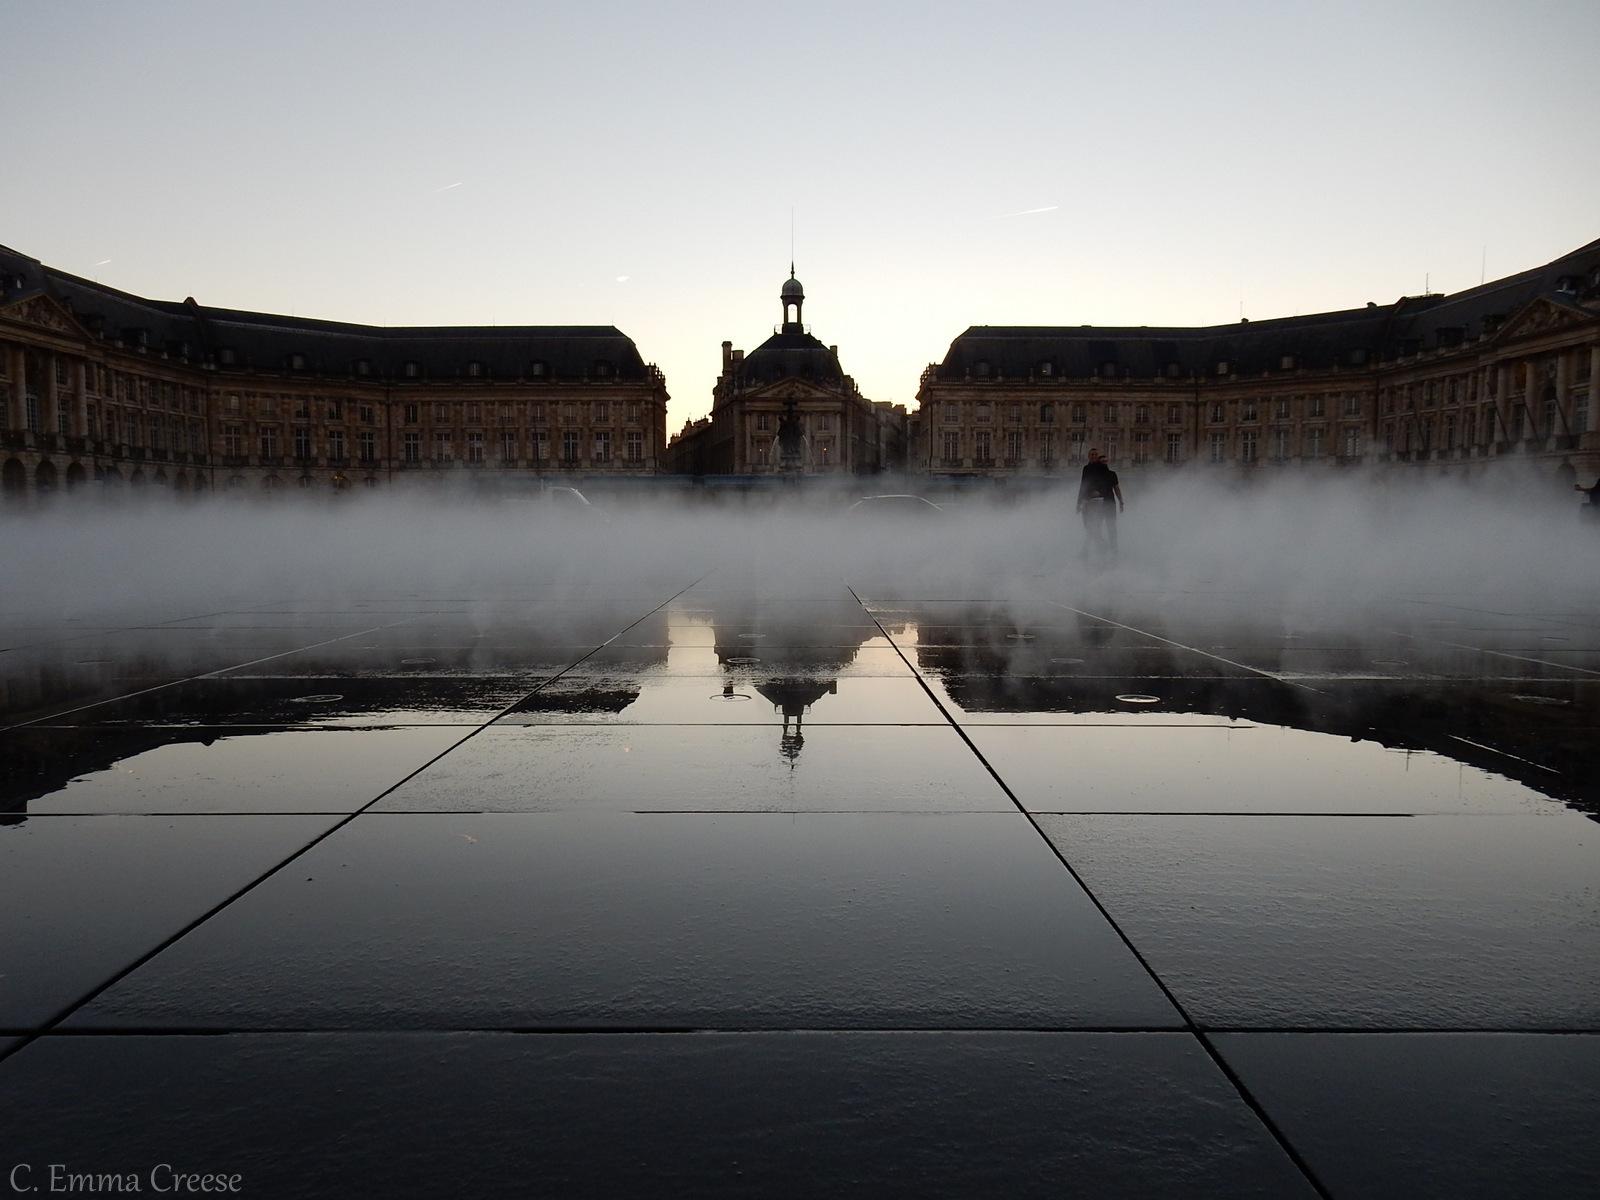 Miroir d'eau (Water Mirror) or Miroir des Quais (Quay Mirror).